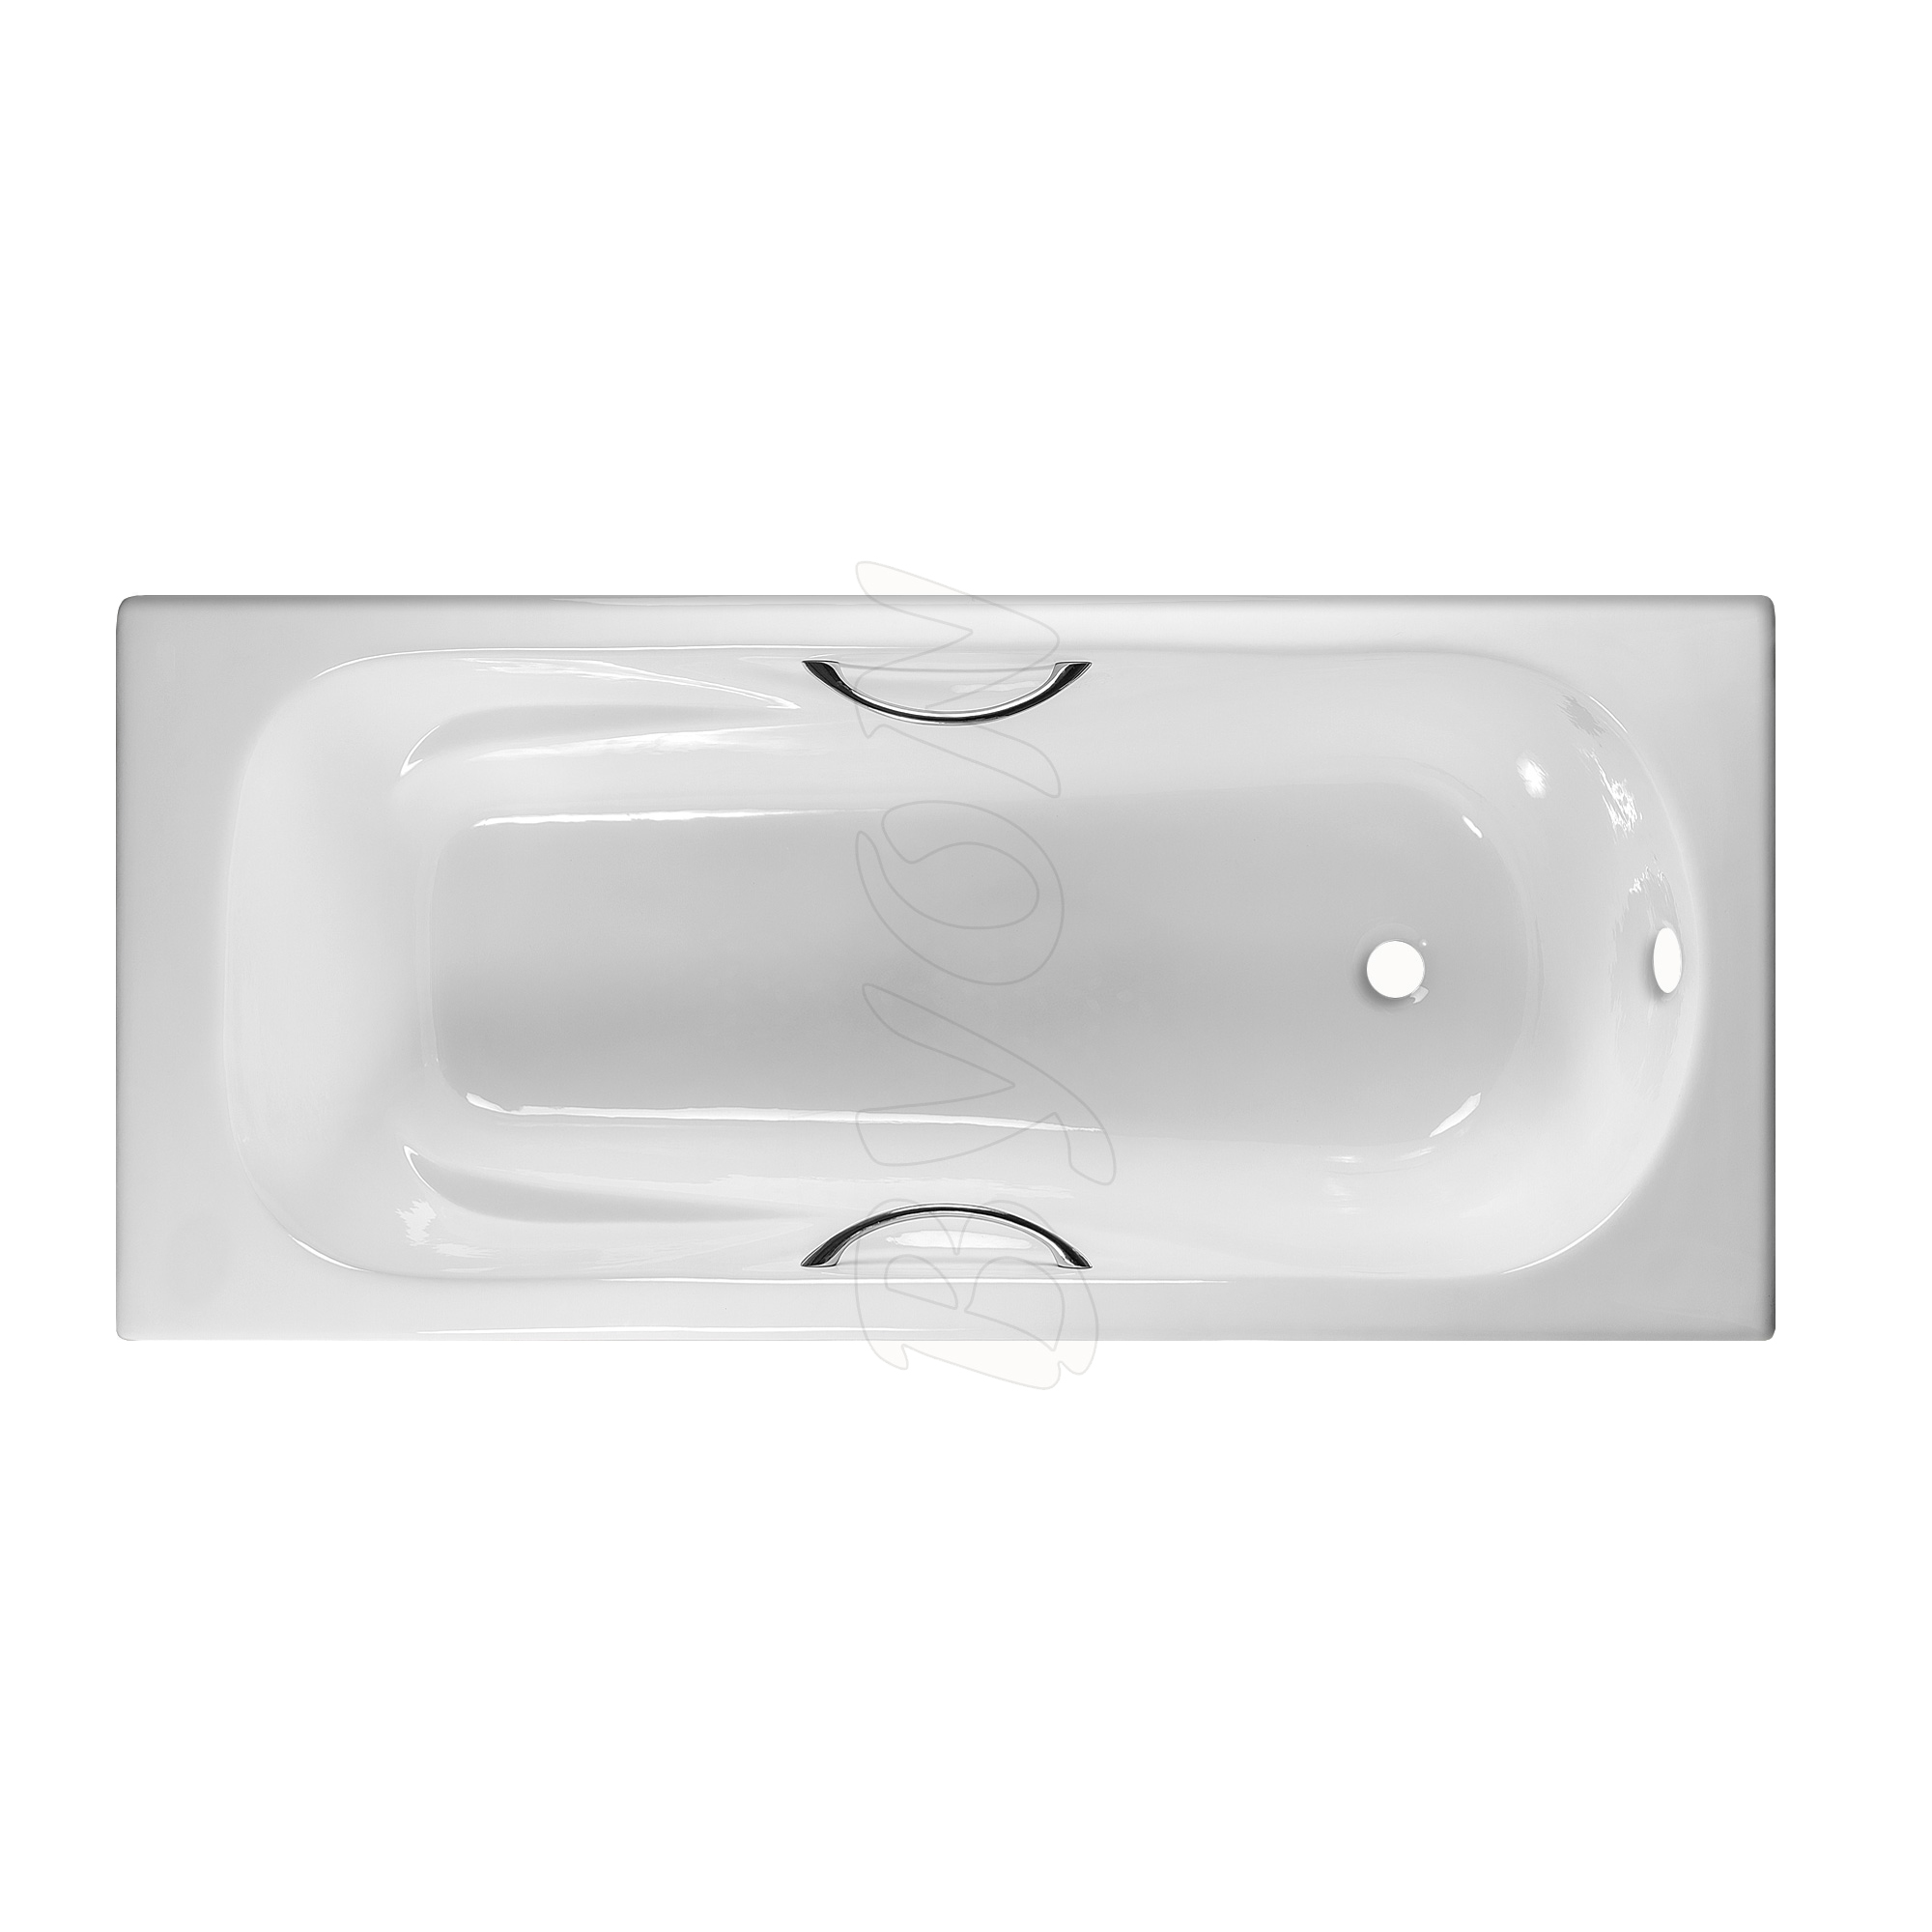 Чугунная ванна Byon B15 170х75 с ручками чугунная ванна byon b13 150х70 с ручками